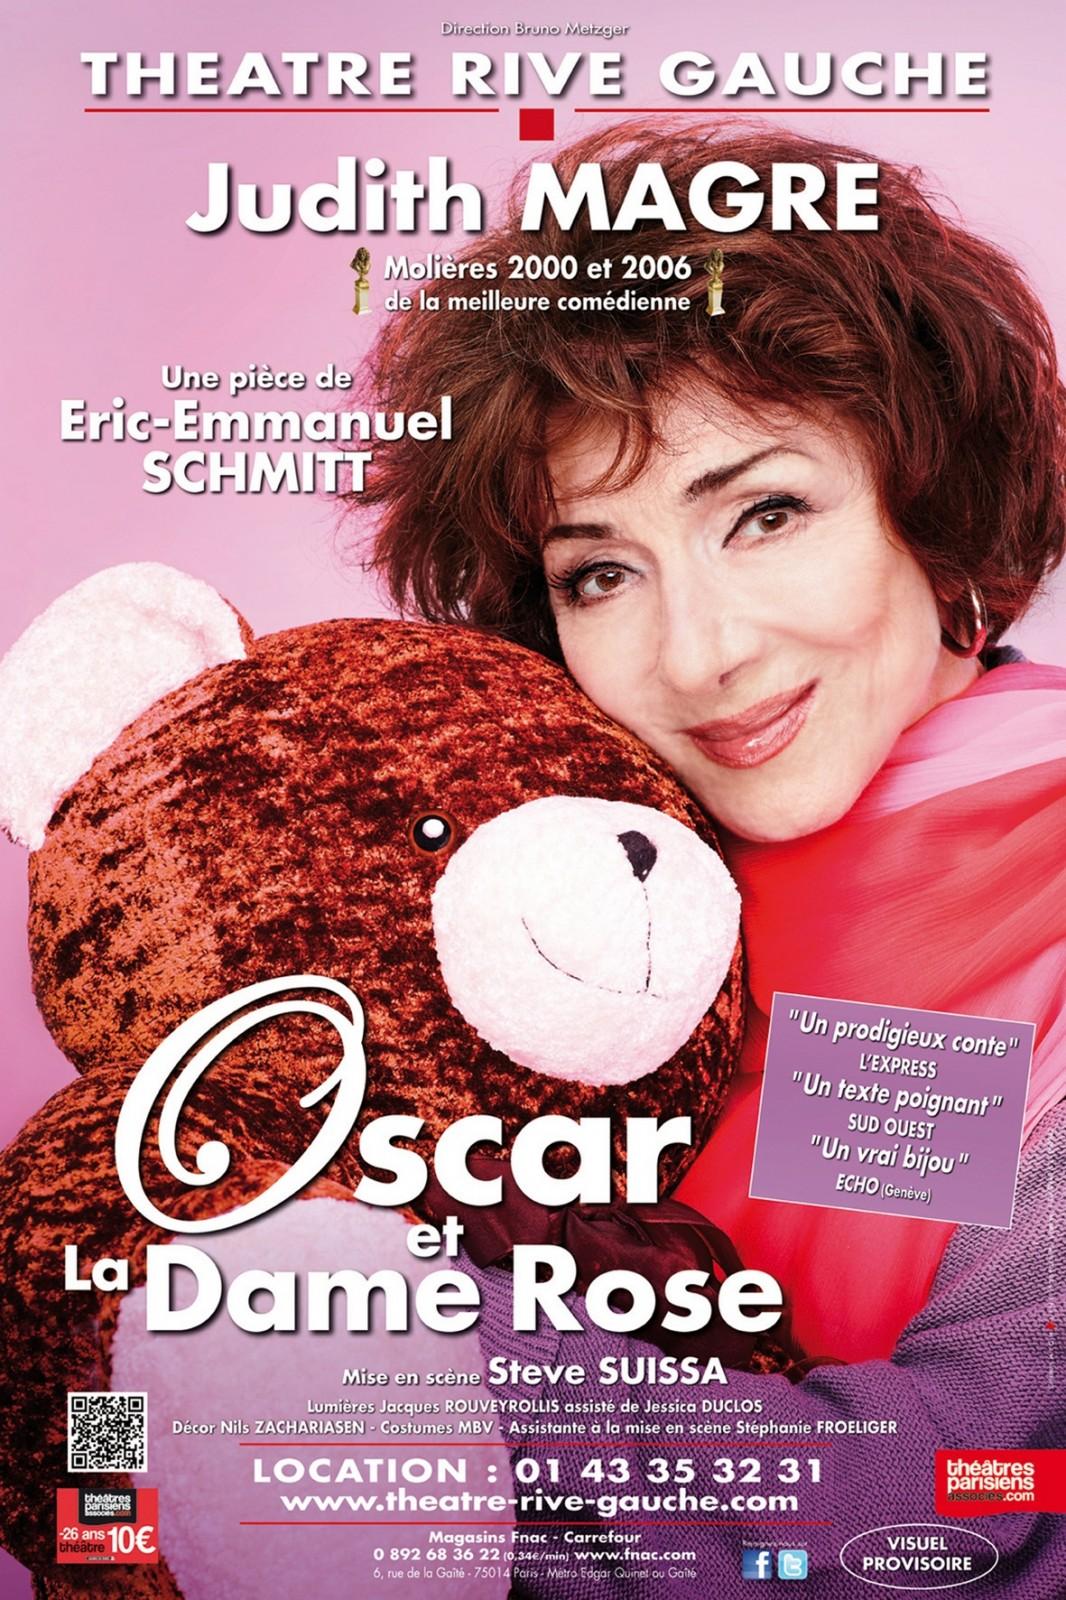 Affiche-Oscar-et-la-Dame-Rose-pièce-de-Eric-Emmanuel-Schmitt-avec-Judith-Magre-mise-en-scène-Steve-Suissa-au-Théâtre-Rive-Gauche-Paris